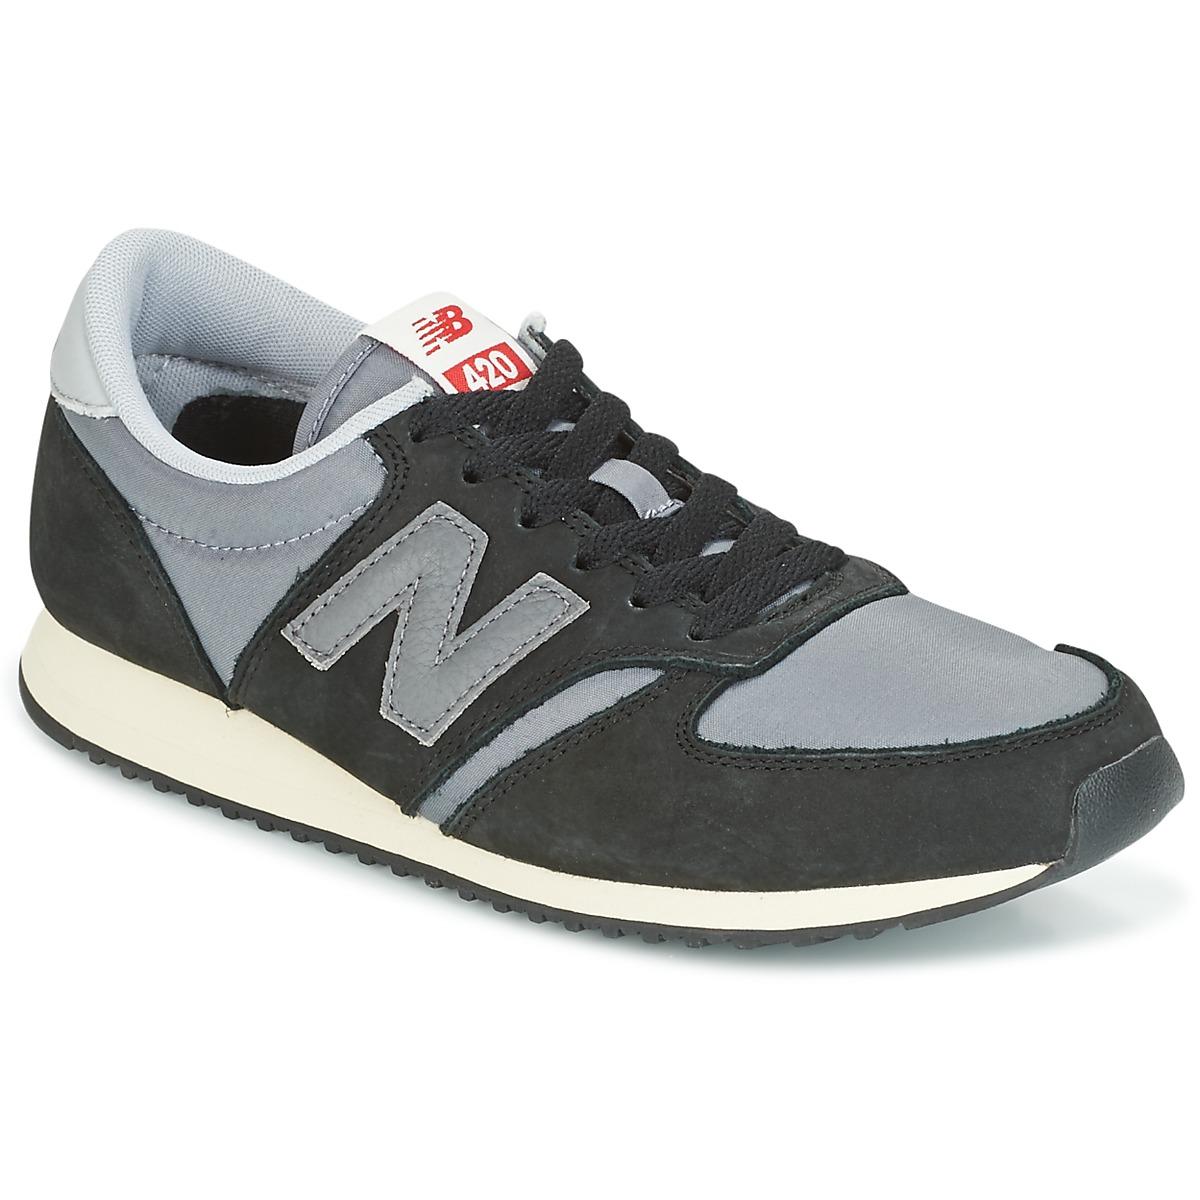 New Balance U420 Schwarz - Kostenloser Versand bei Spartoode ! - Schuhe Sneaker Low  66,49 €